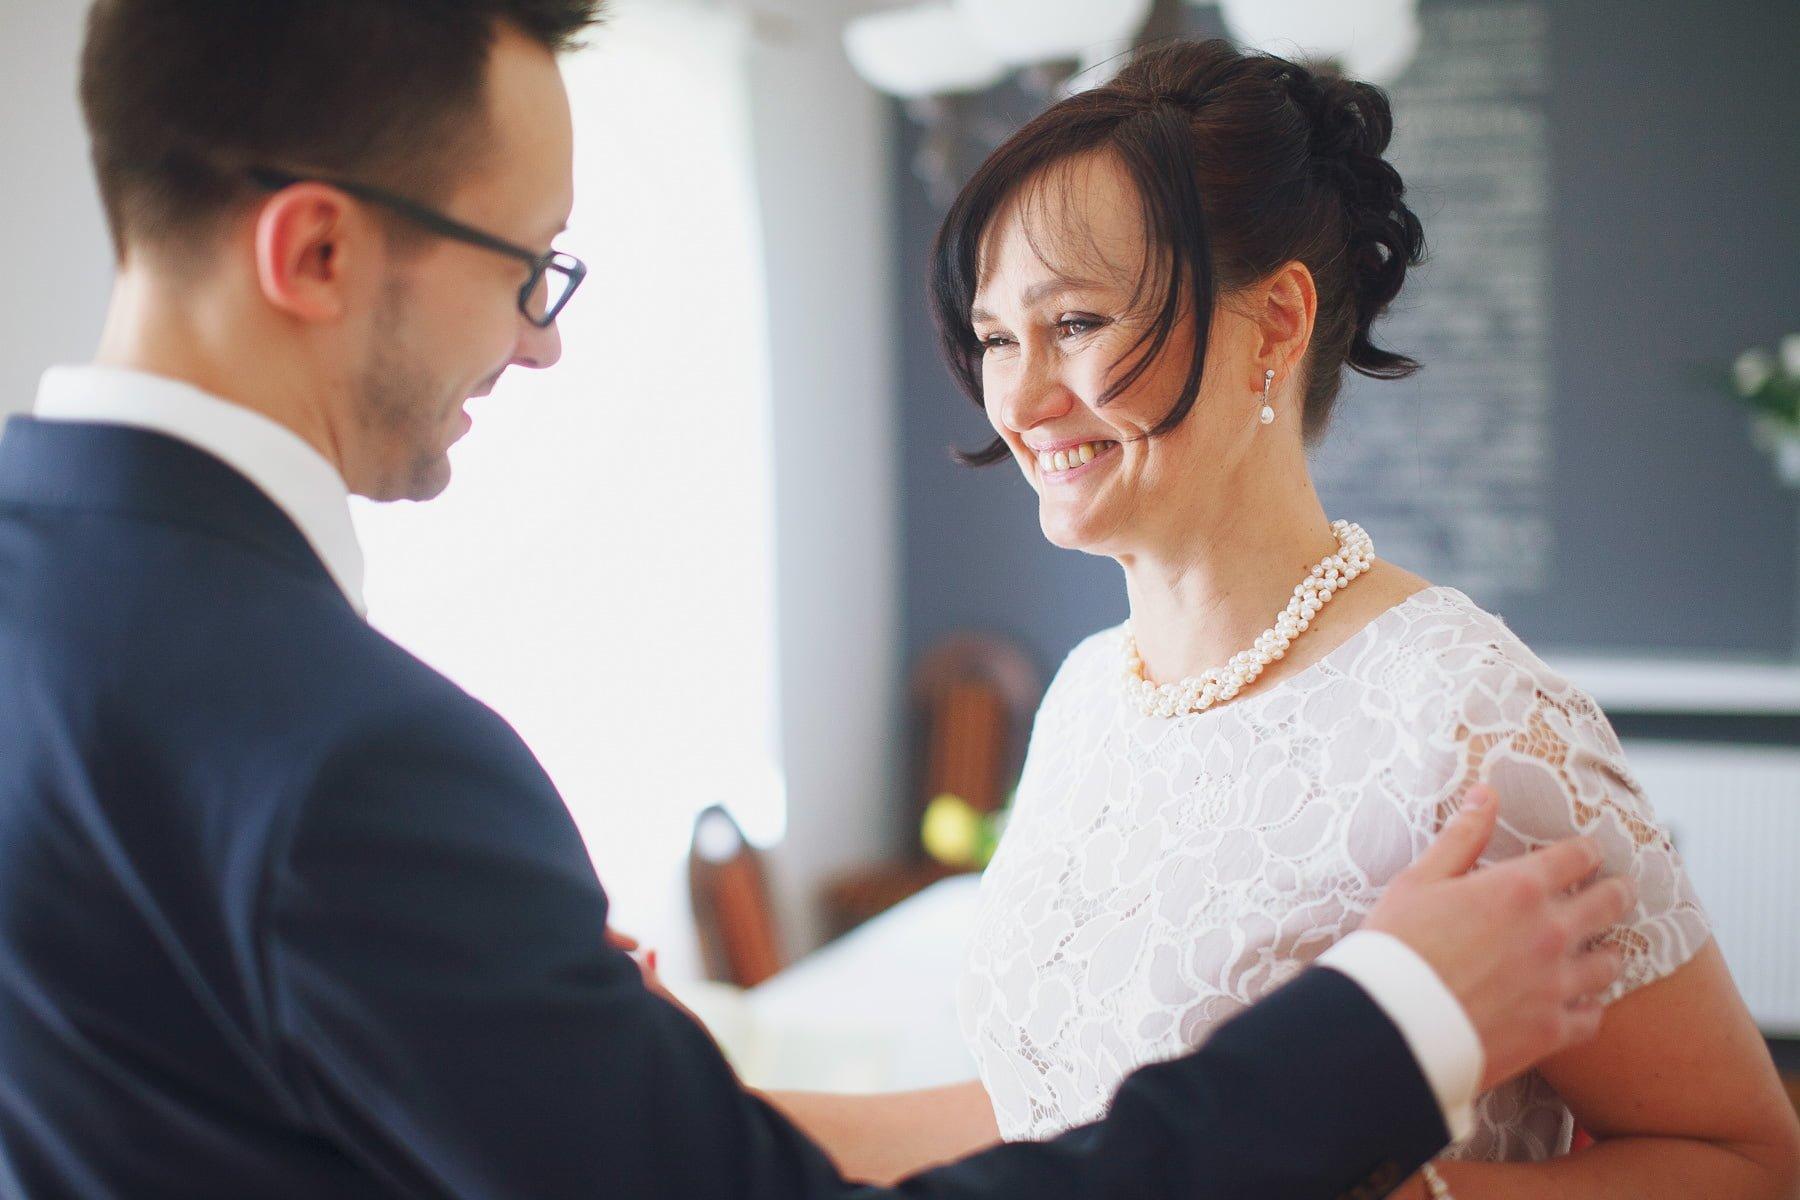 fotograf slub bielsko biala ania maciej 24 - Ślub w Bielsku-Białej - ANIA & MACIEJ